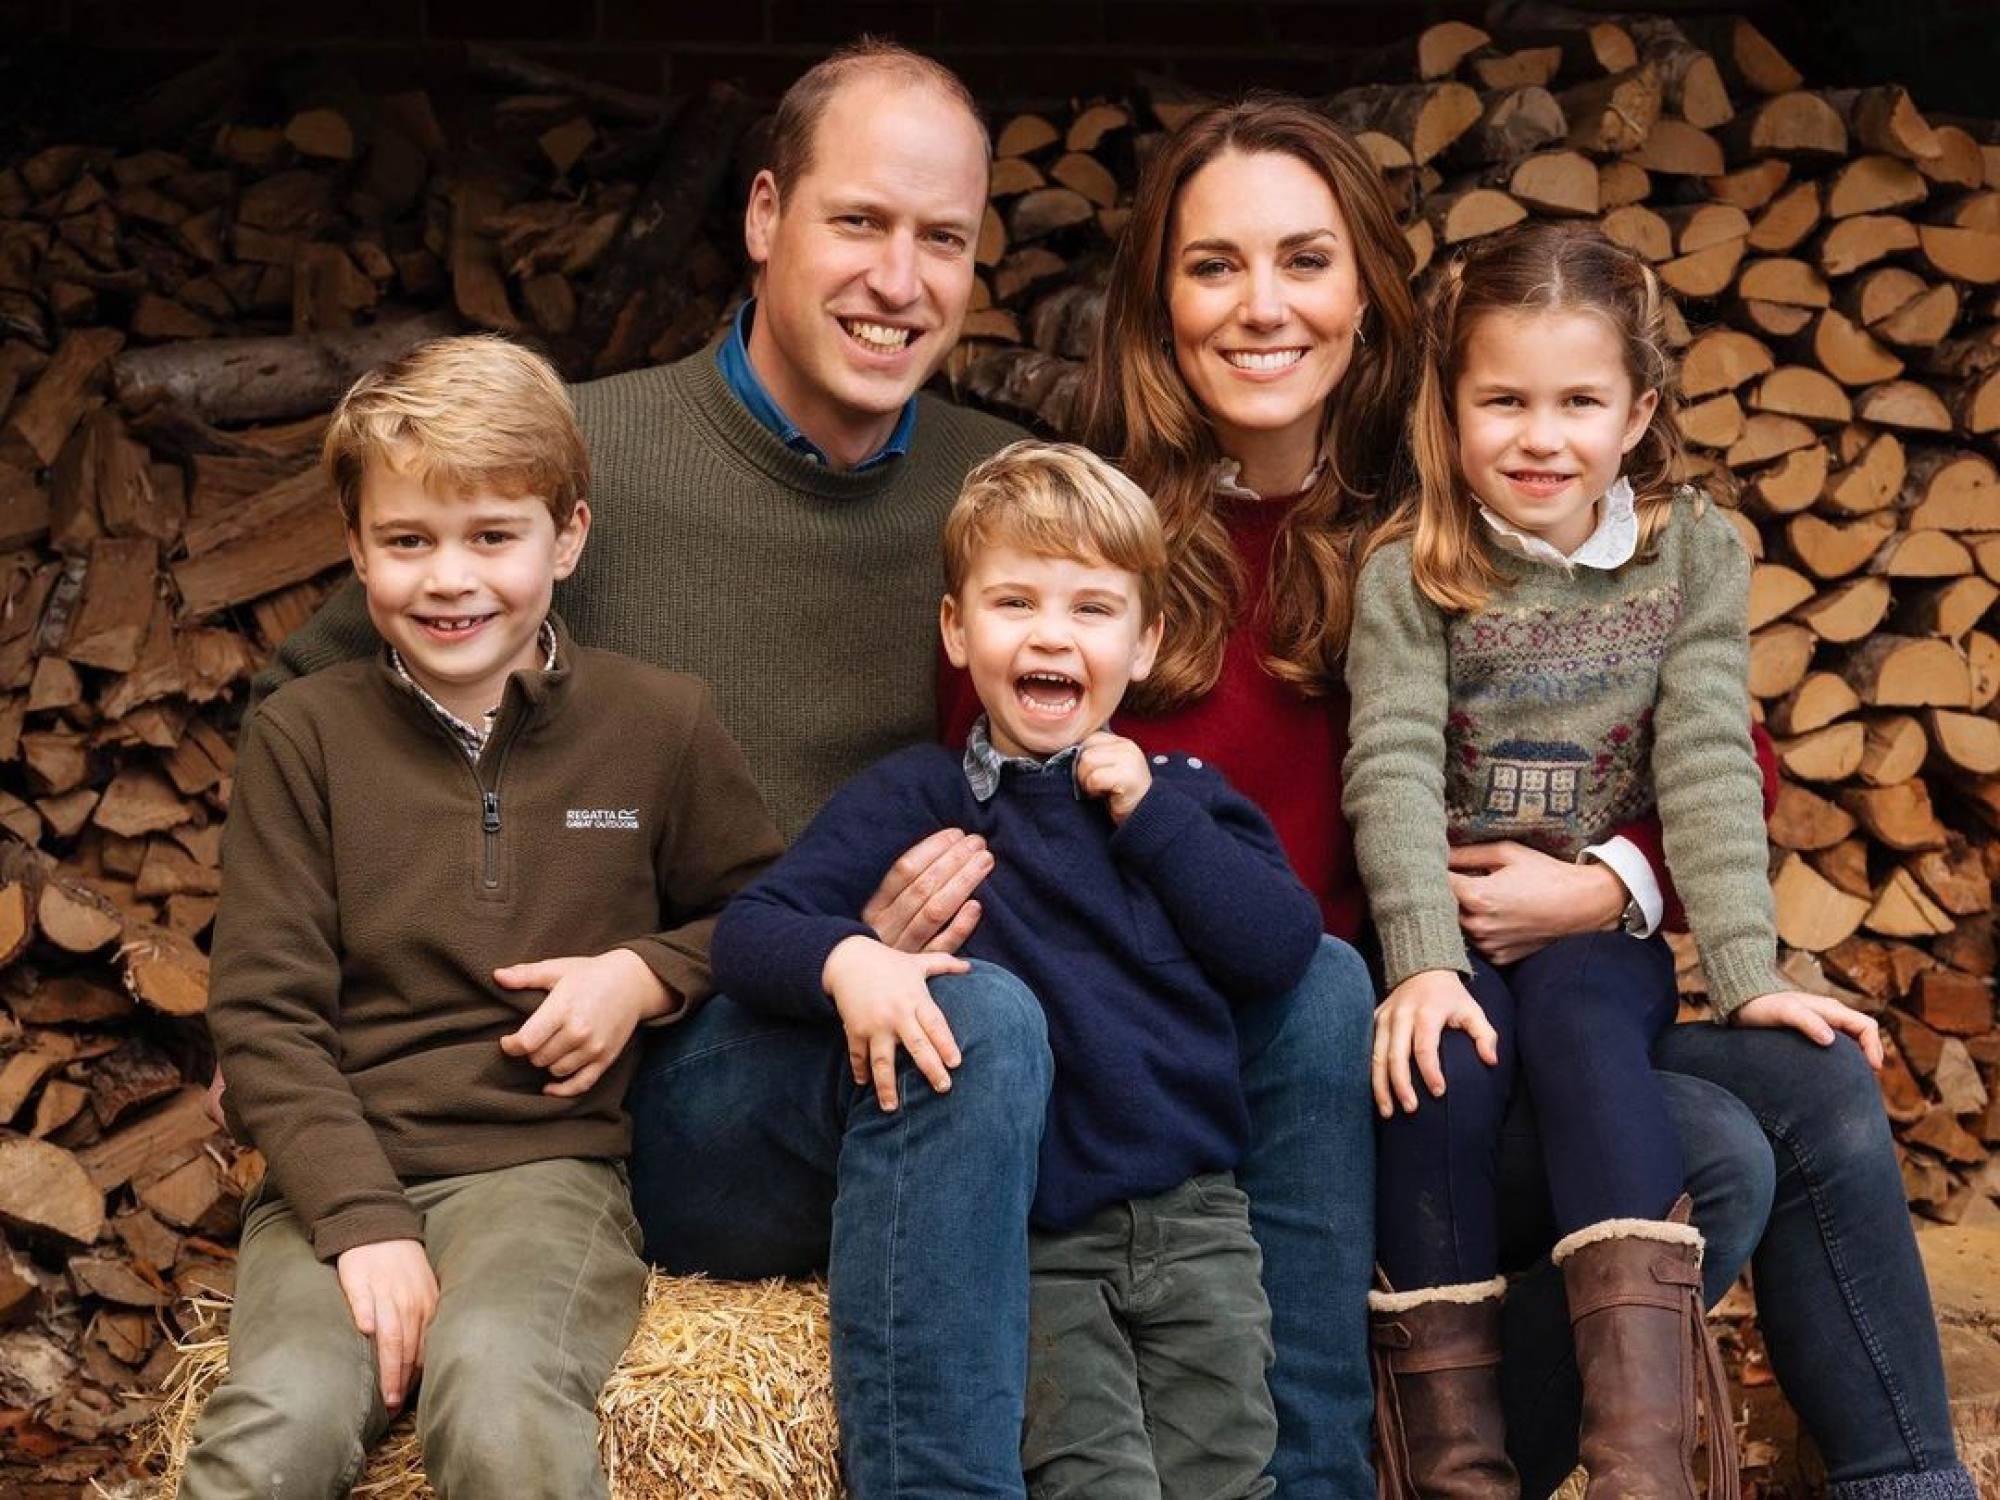 Công tước và Nữ công tước xứ Cambridge chụp ảnh với 3 con, Hoàng tử George, Louis và Công chúa Charlotte. Ảnh:  Instagram/@dukeandduchessofcambridge